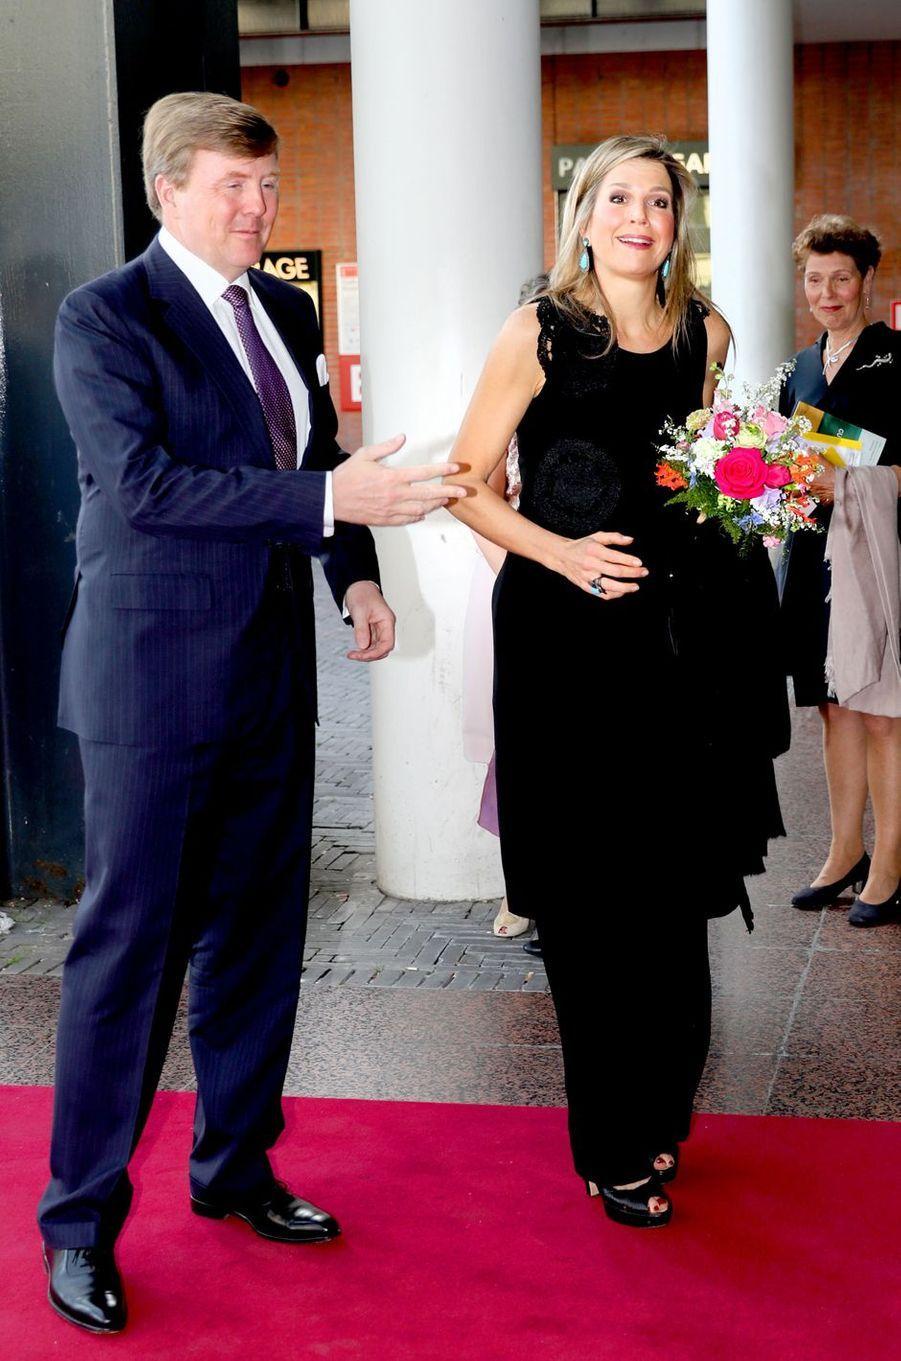 La reine Maxima et le roi Willem-Alexander des Pays-Bas à Amsterdam, le 18 avril 2018